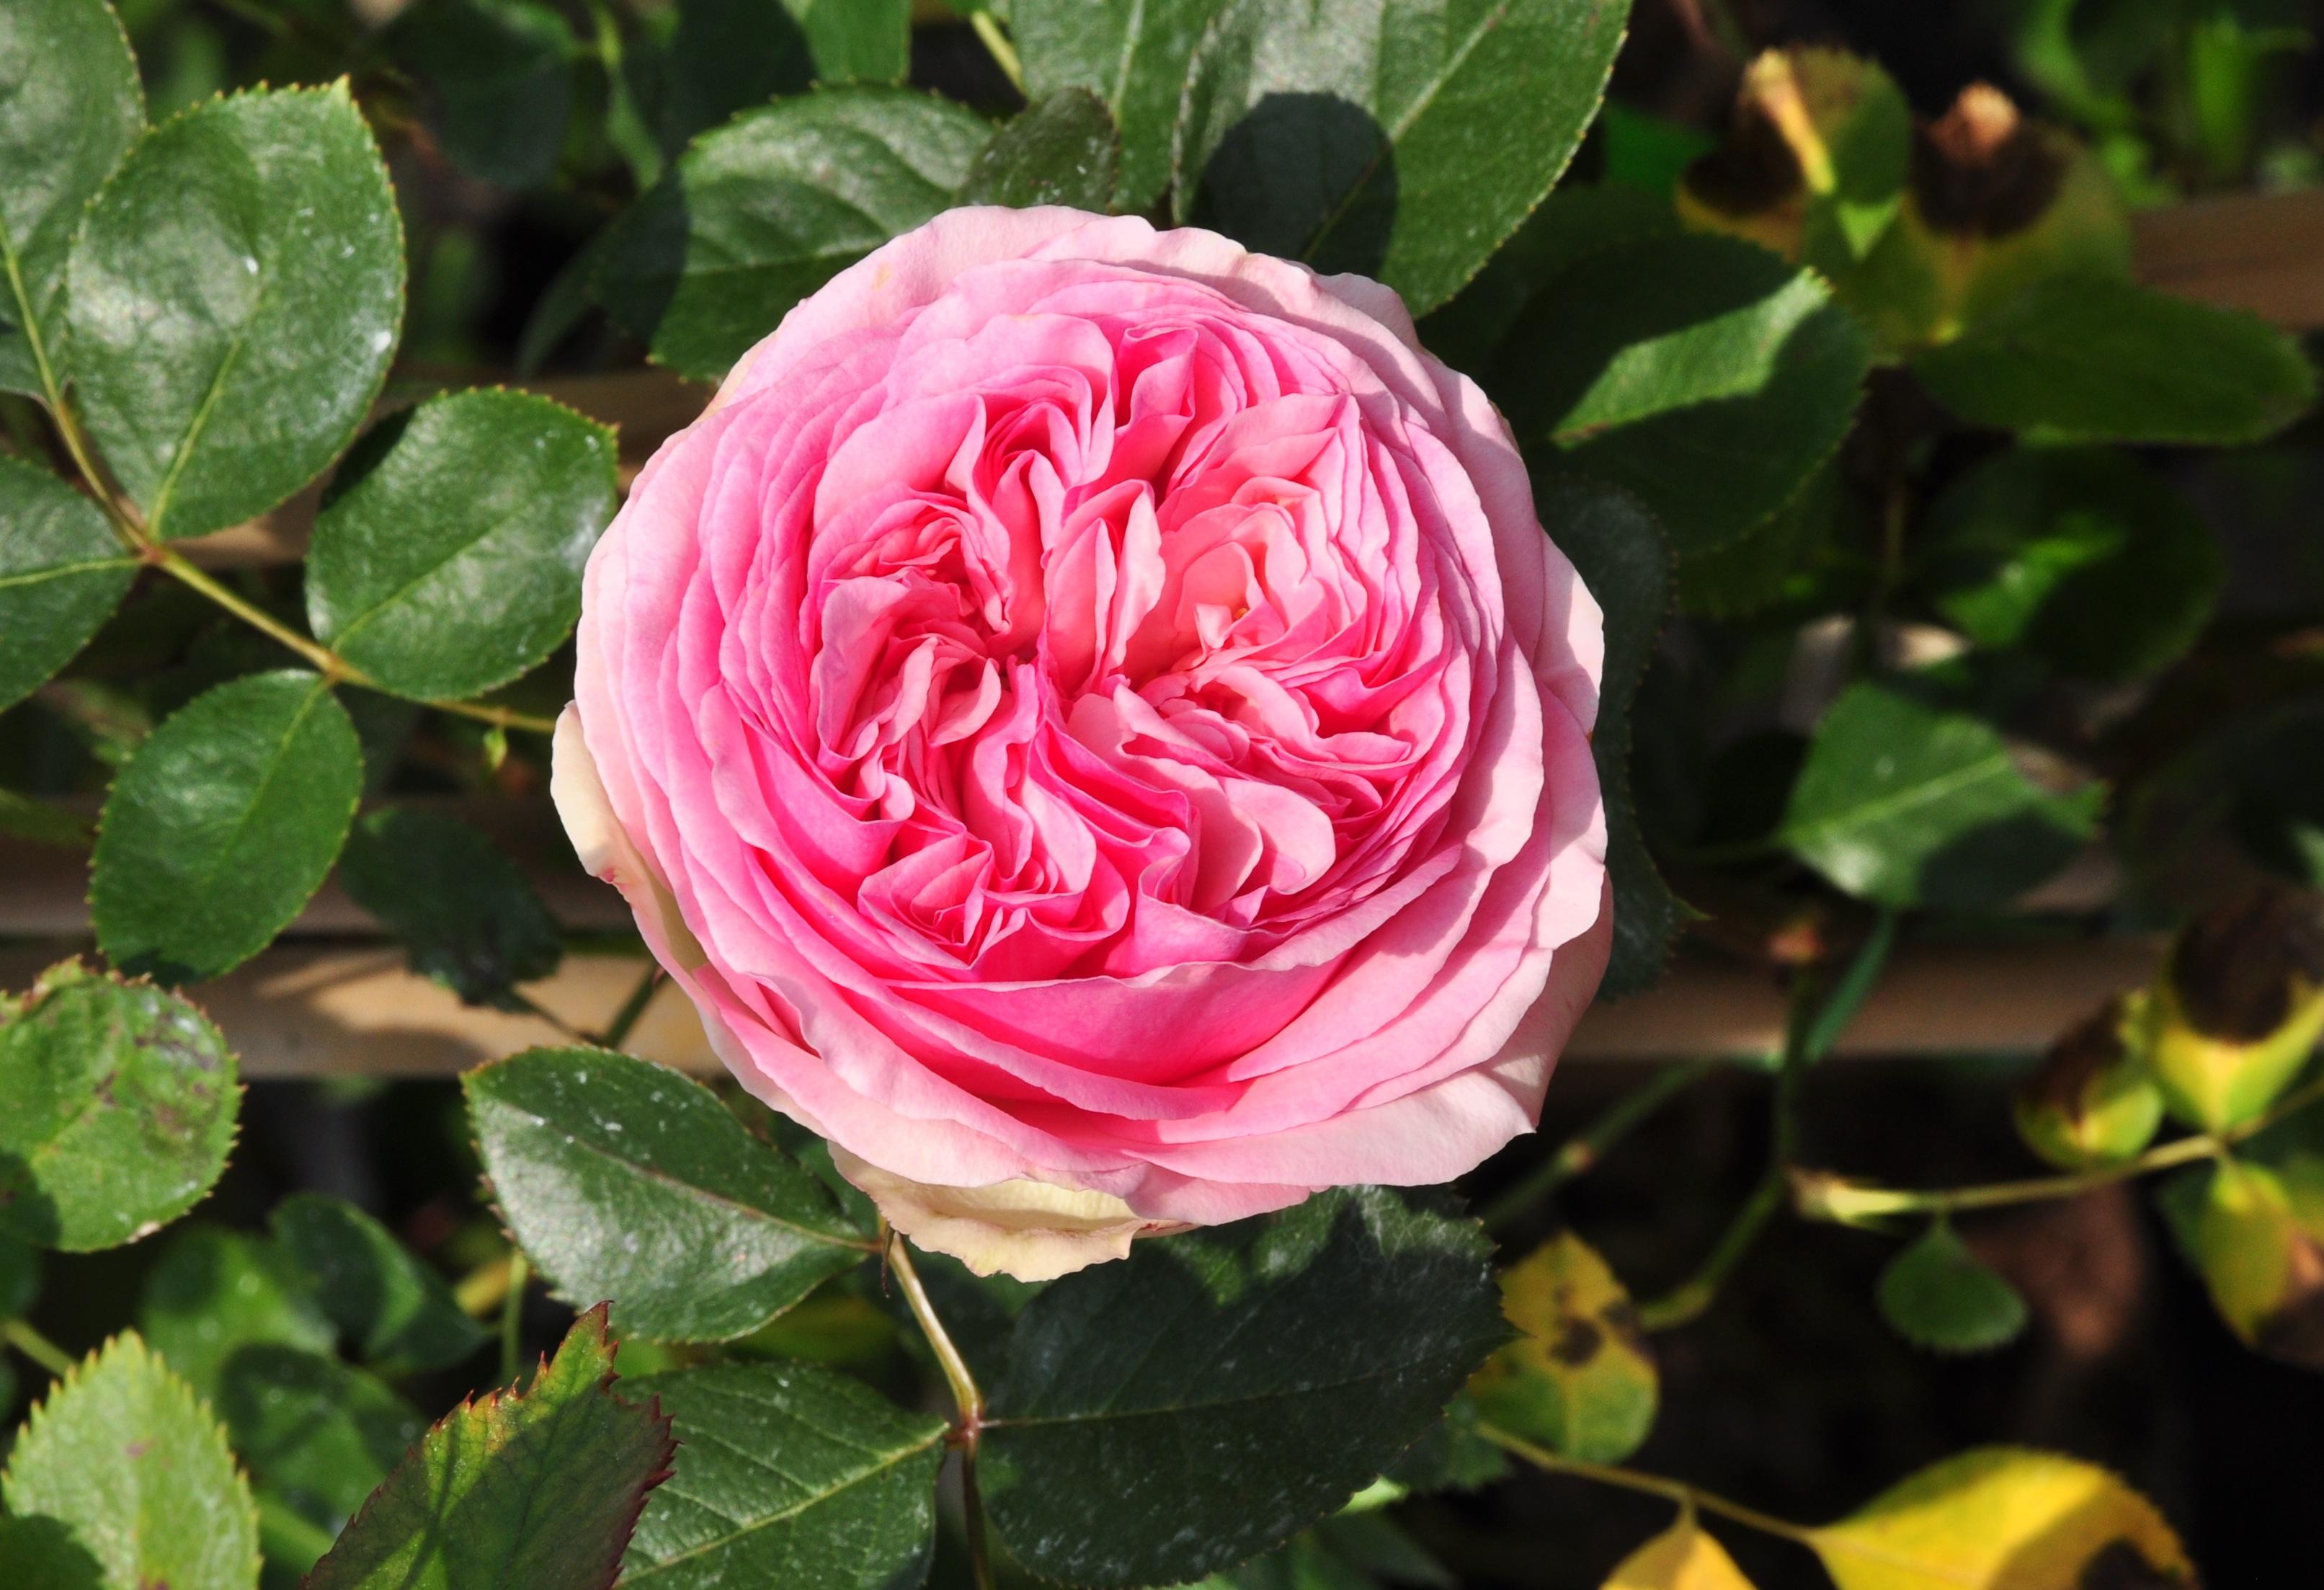 Rosa 39 eden rose 39 syn 39 pierre de ronsard for Pierre de ronsard rosa